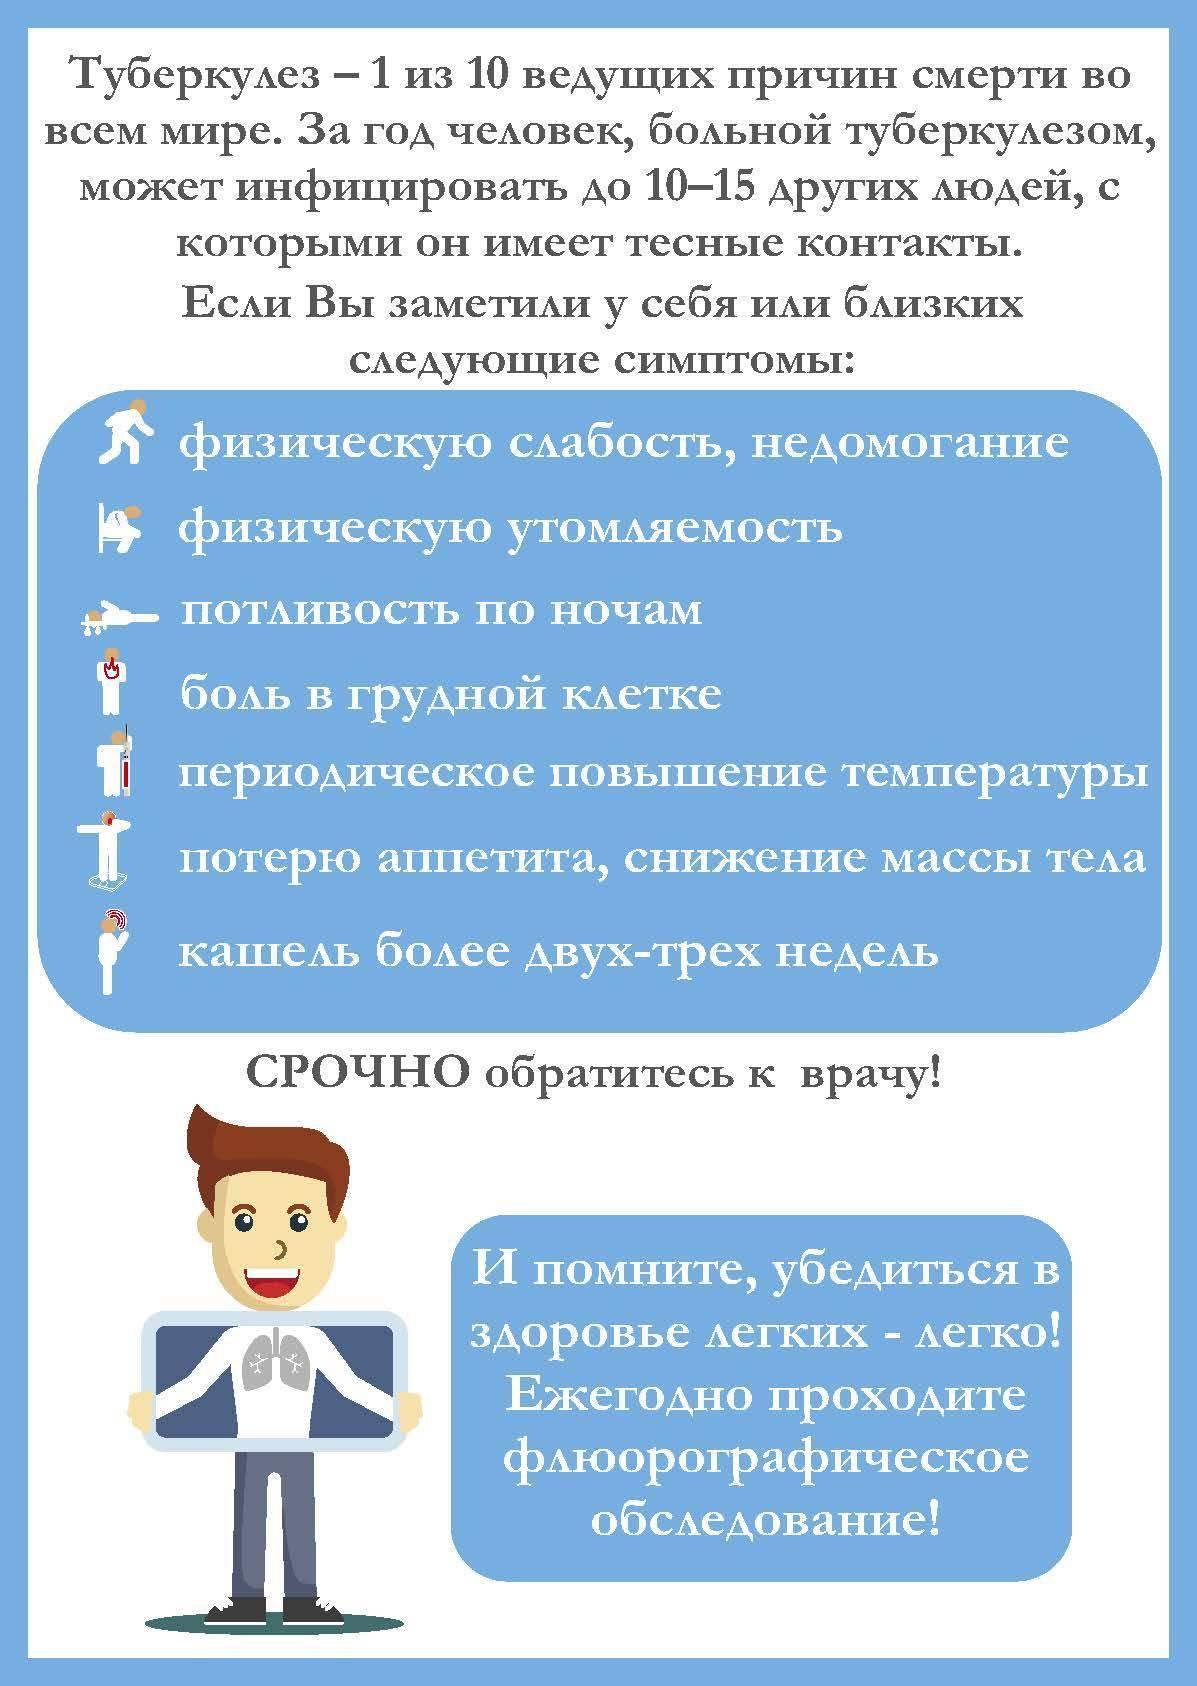 Эффективные противотуберкулезные препараты для профилактики